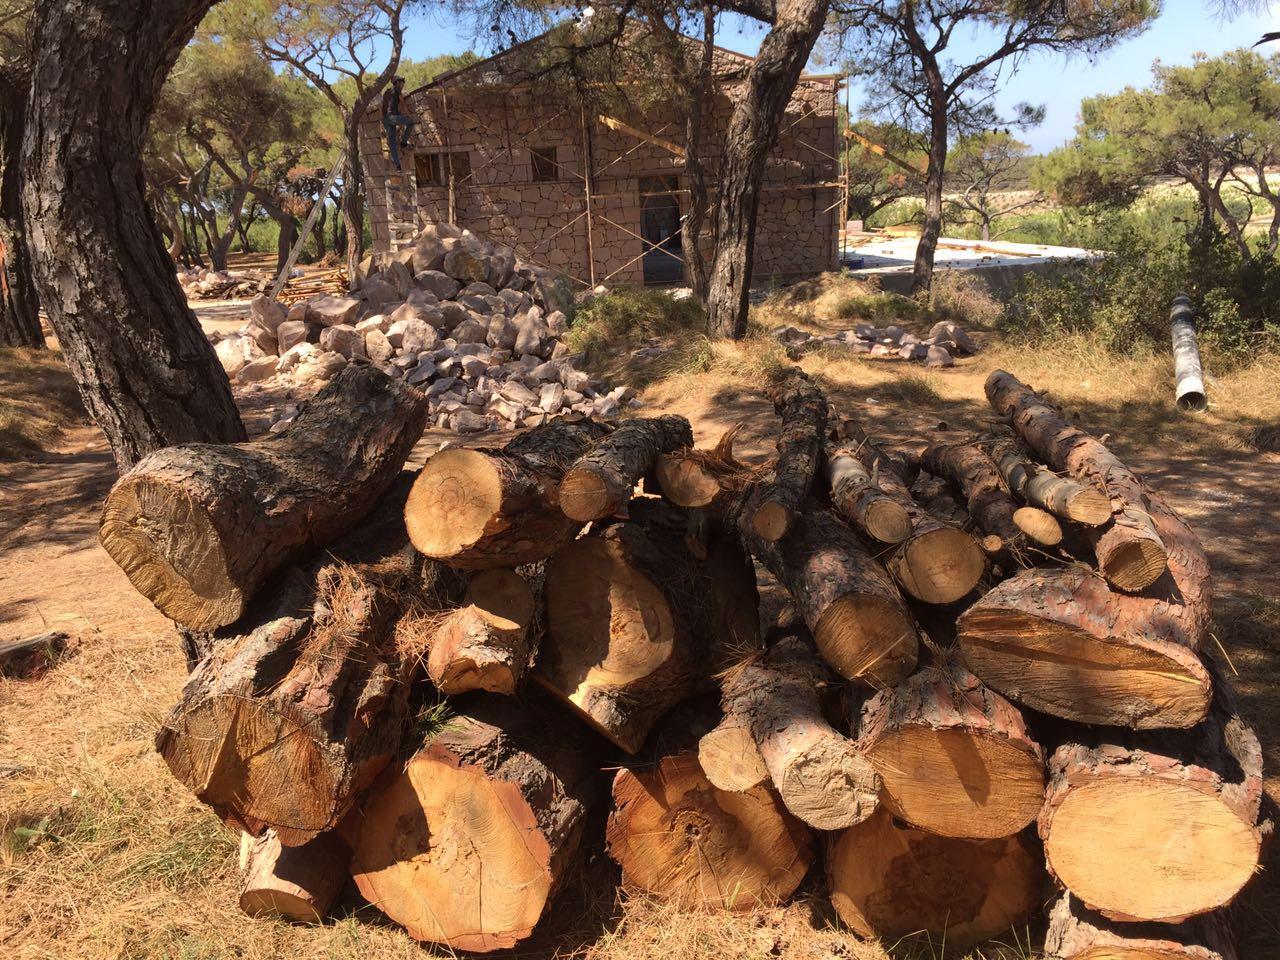 Bozcaada Pavli Çamlığı eğlence dekoru değildir. #OrmandaFestivalYapılmaz